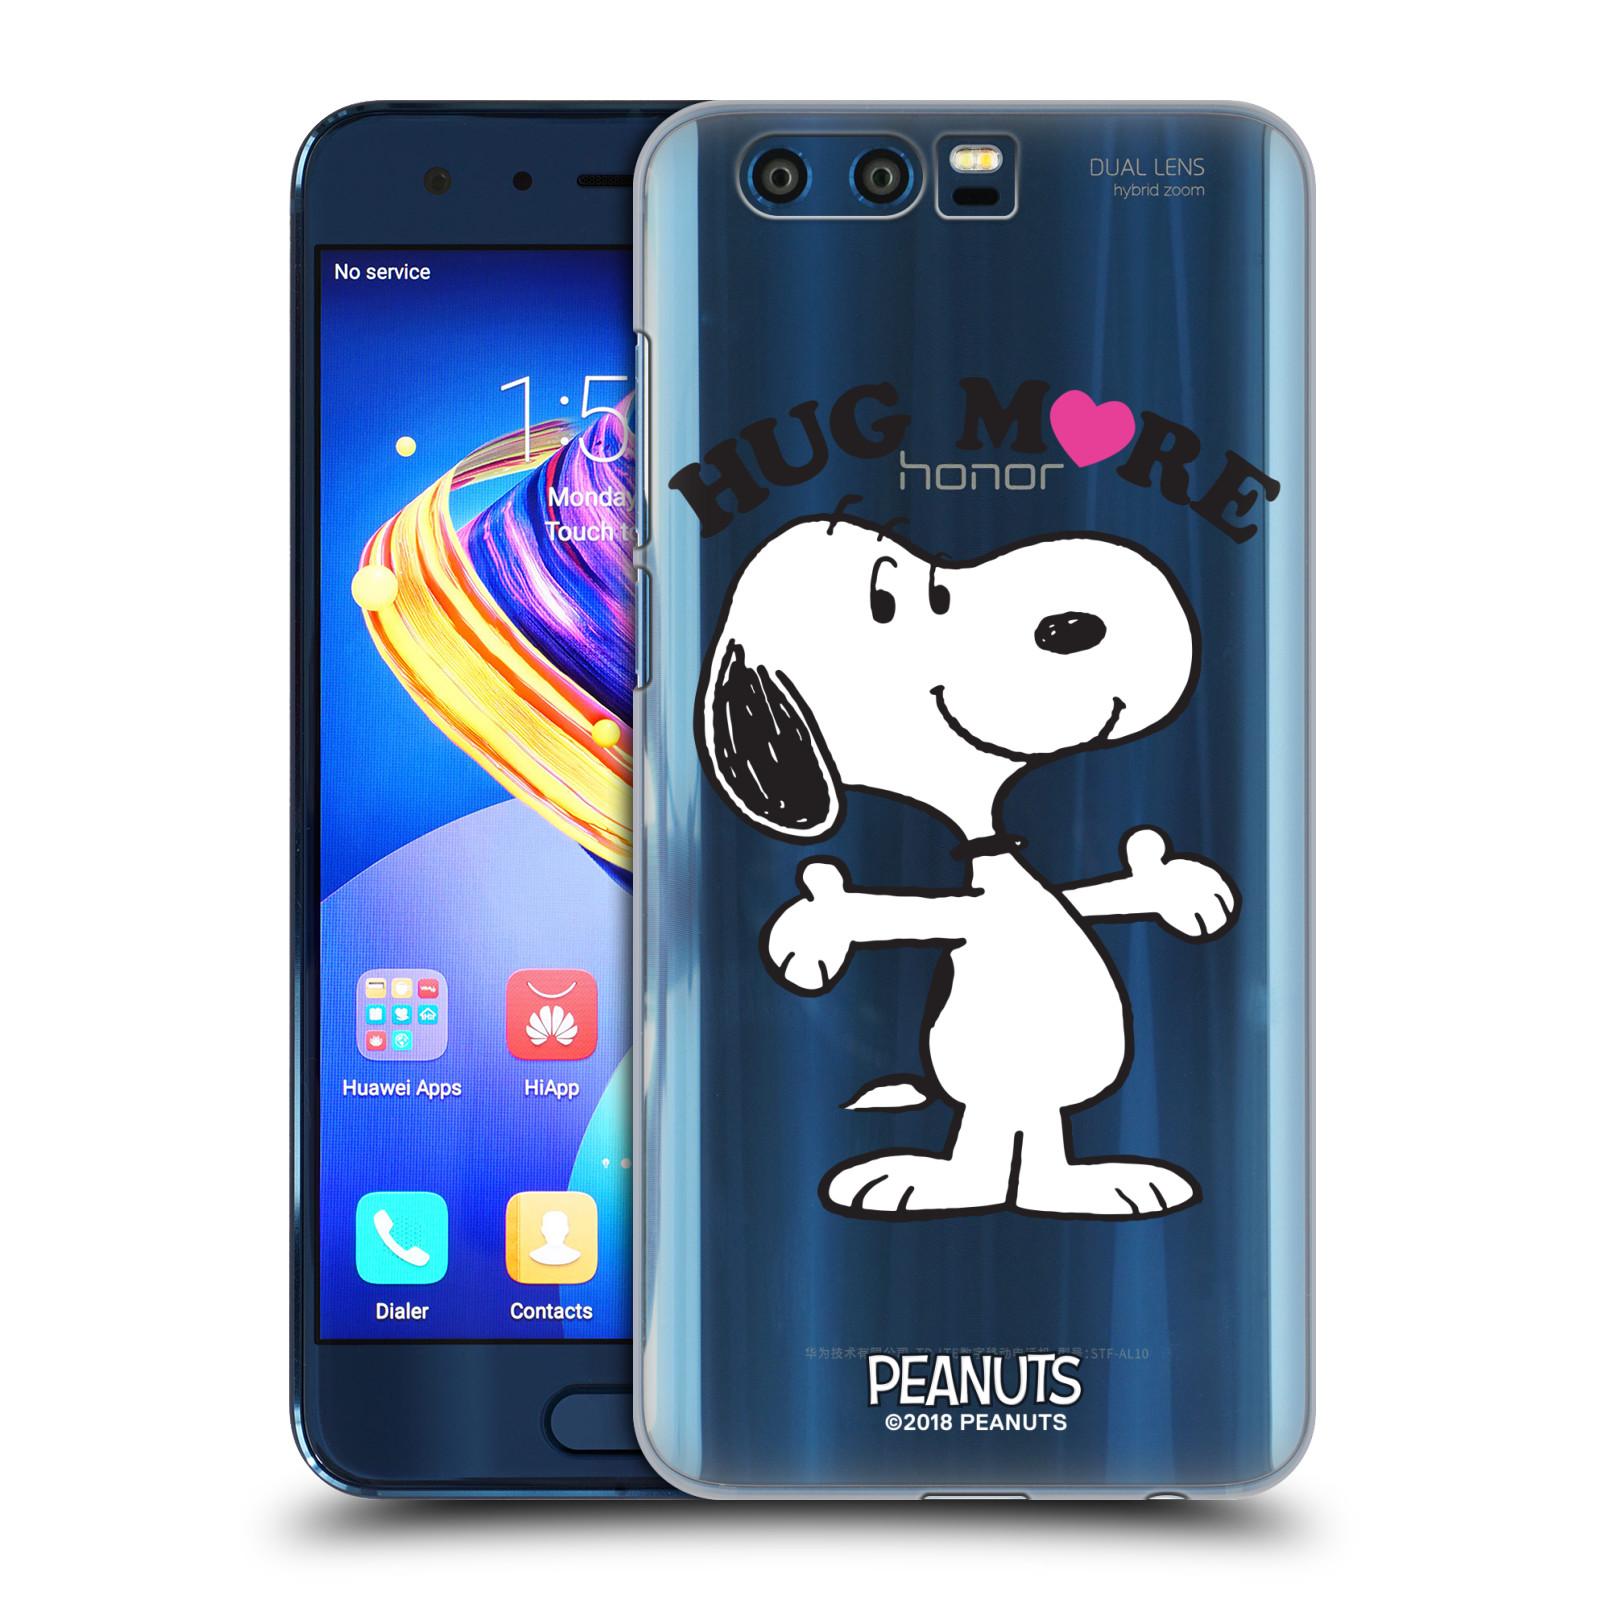 Pouzdro na mobil HONOR 9 Oficiální motiv Peanuts pejsek Snoopy srdíčko